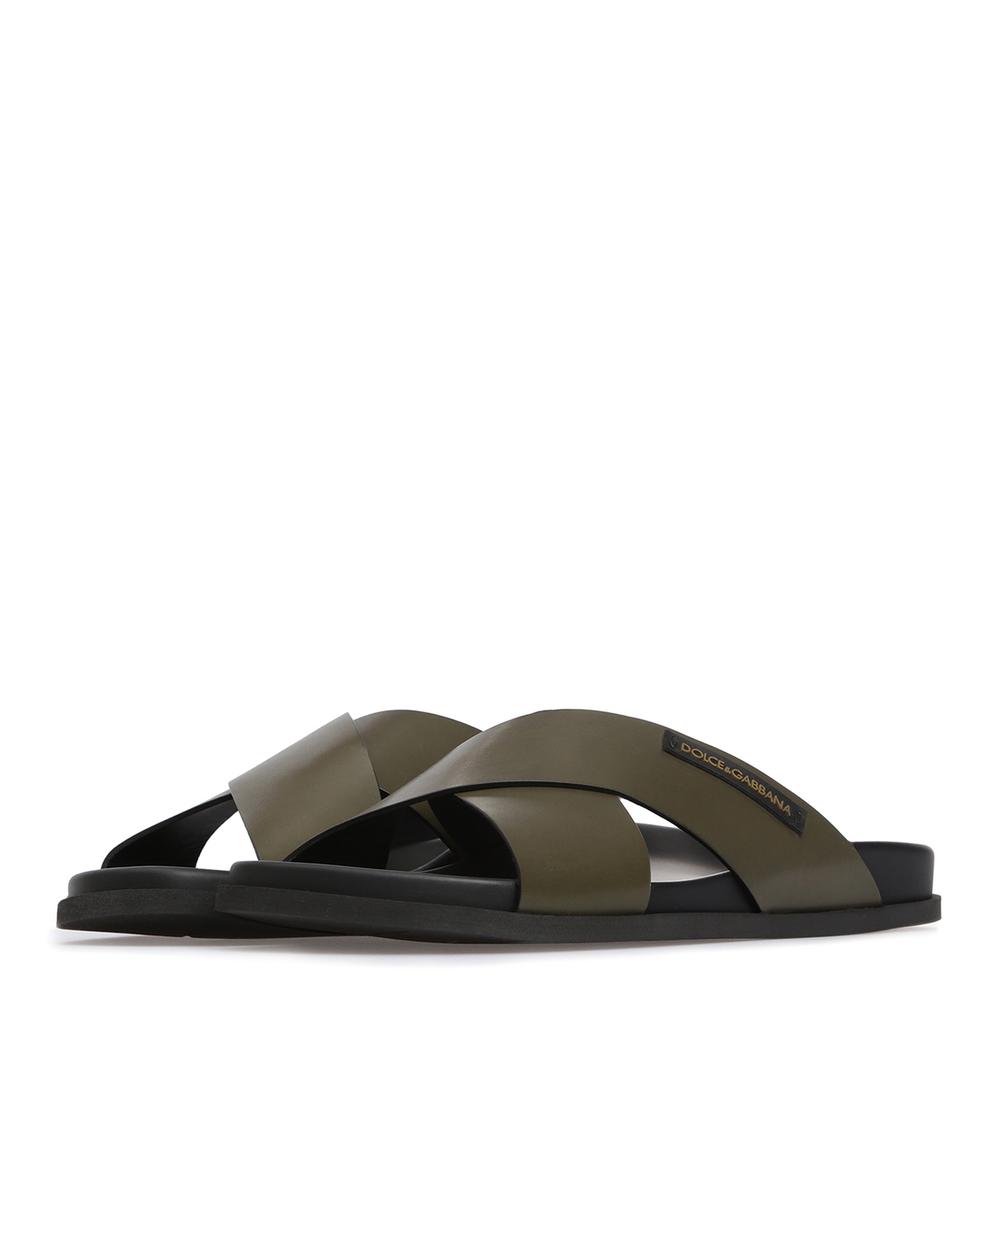 Кожаные слайдеры Dolce&Gabbana A80134-AZ630 — Kameron